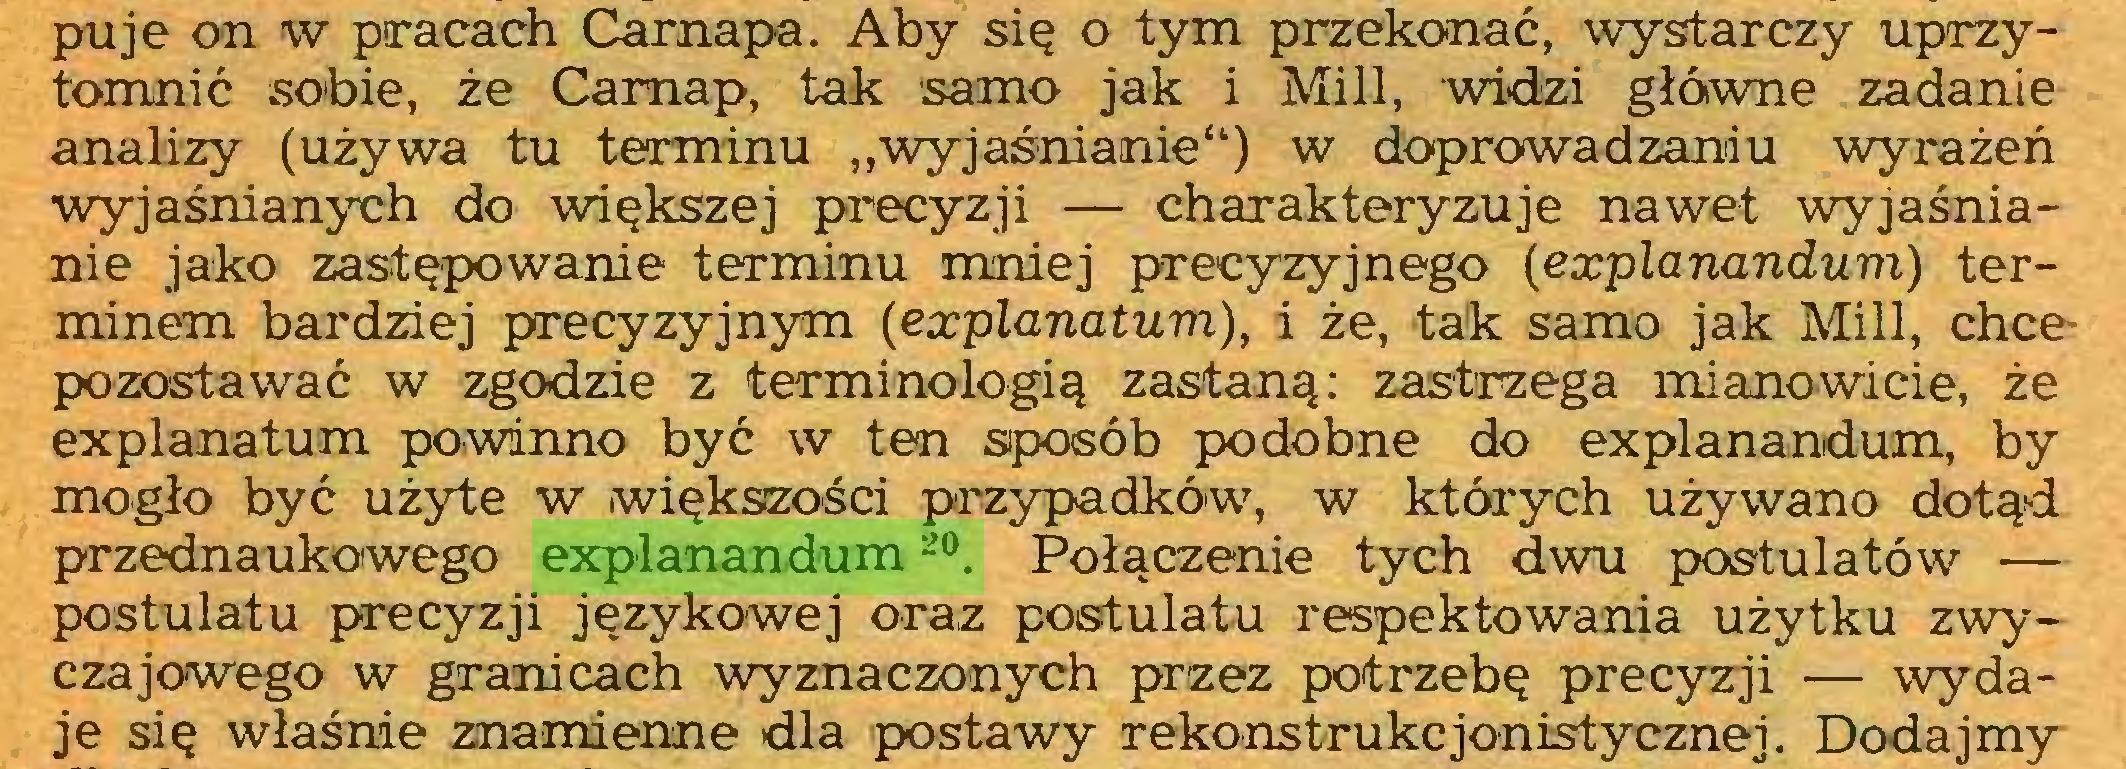 """(...) puje on w pracach Carnapa. Aby się o tym przekonać, wystarczy uprzytomnić sobie, że Camap, tak samo jak i Mili, widzi główne zadanie analizy (używa tu terminu """"wyjaśnianie"""") w doprowadzaniu wyrażeń wyjaśnianych do większej precyzji — charakteryzuje nawet wyjaśnianie jako zastępowanie terminu mniej precyzyjnego (explanandum) terminem bardziej precyzyjnym (eccplanatum), i że, tak samo jak Mili, chce~ pozostawać w zgodzie z terminologią zastaną: zastrzega mianowicie, że explanatum powinno być w ten sposób podobne do explanandum, by mogło być użyte w większości przypadków, w których używano dotąd przednaukowego explanandum20. Połączenie tych dwu postulatów — postulatu precyzji językowej oraz postulatu respektowania użytku zwyczajowego w granicach wyznaczonych przez potrzebę precyzji — wydaje się właśnie znamienne dla postawy rekonstrukc jonistycznej. Dodajmy..."""